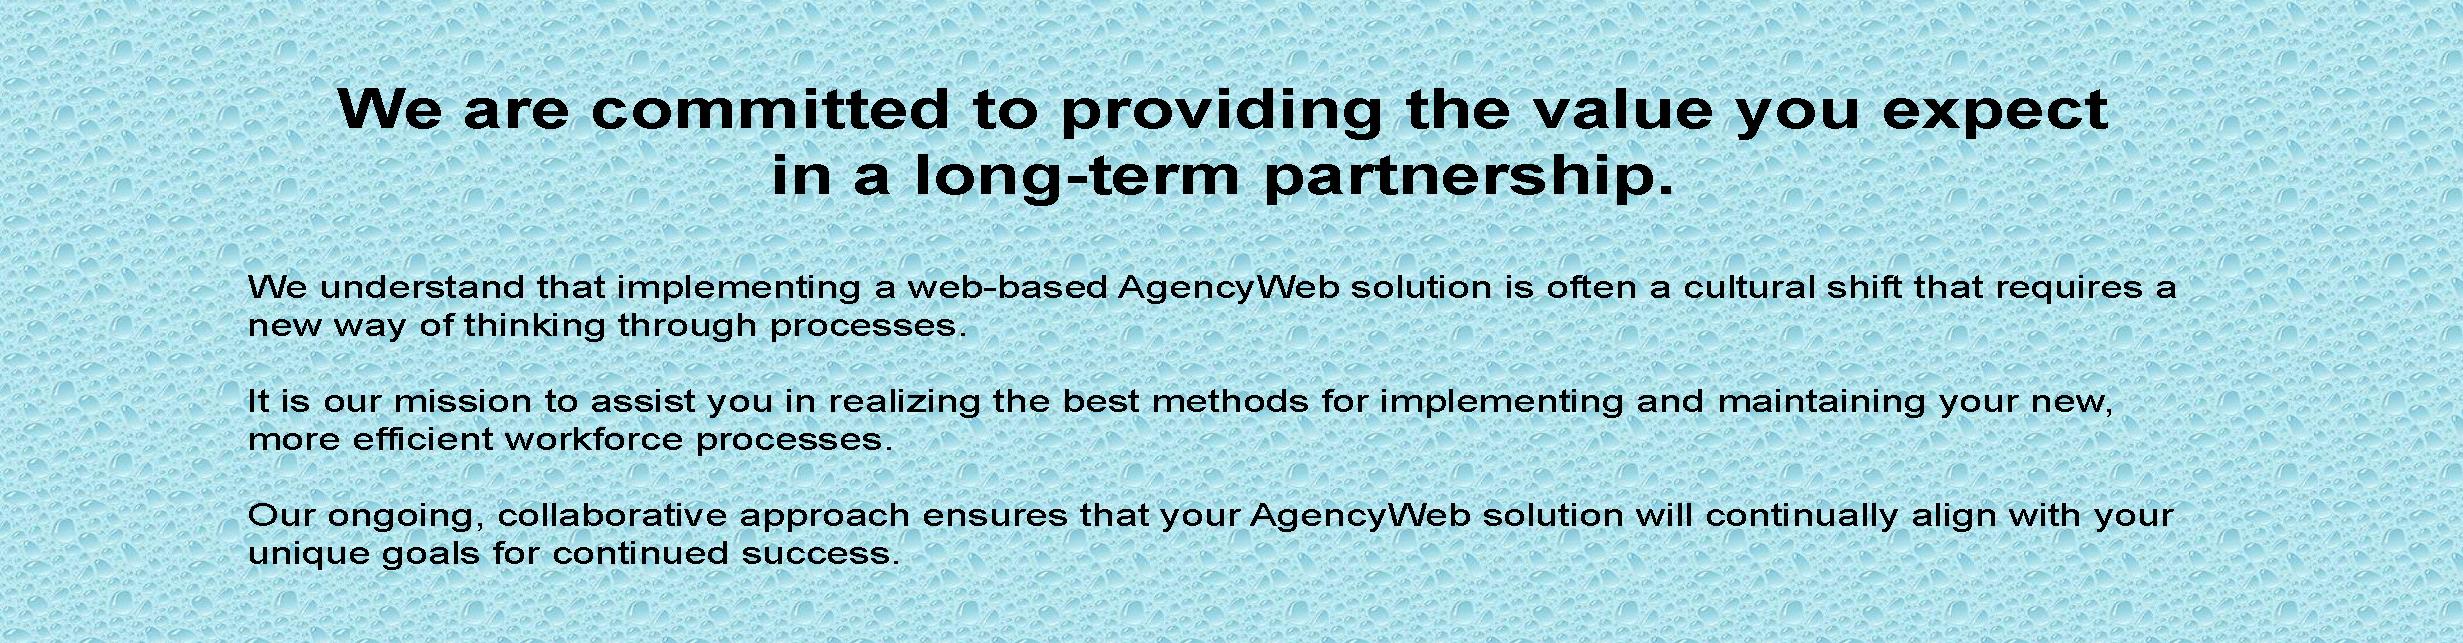 Services-Statement.jpg